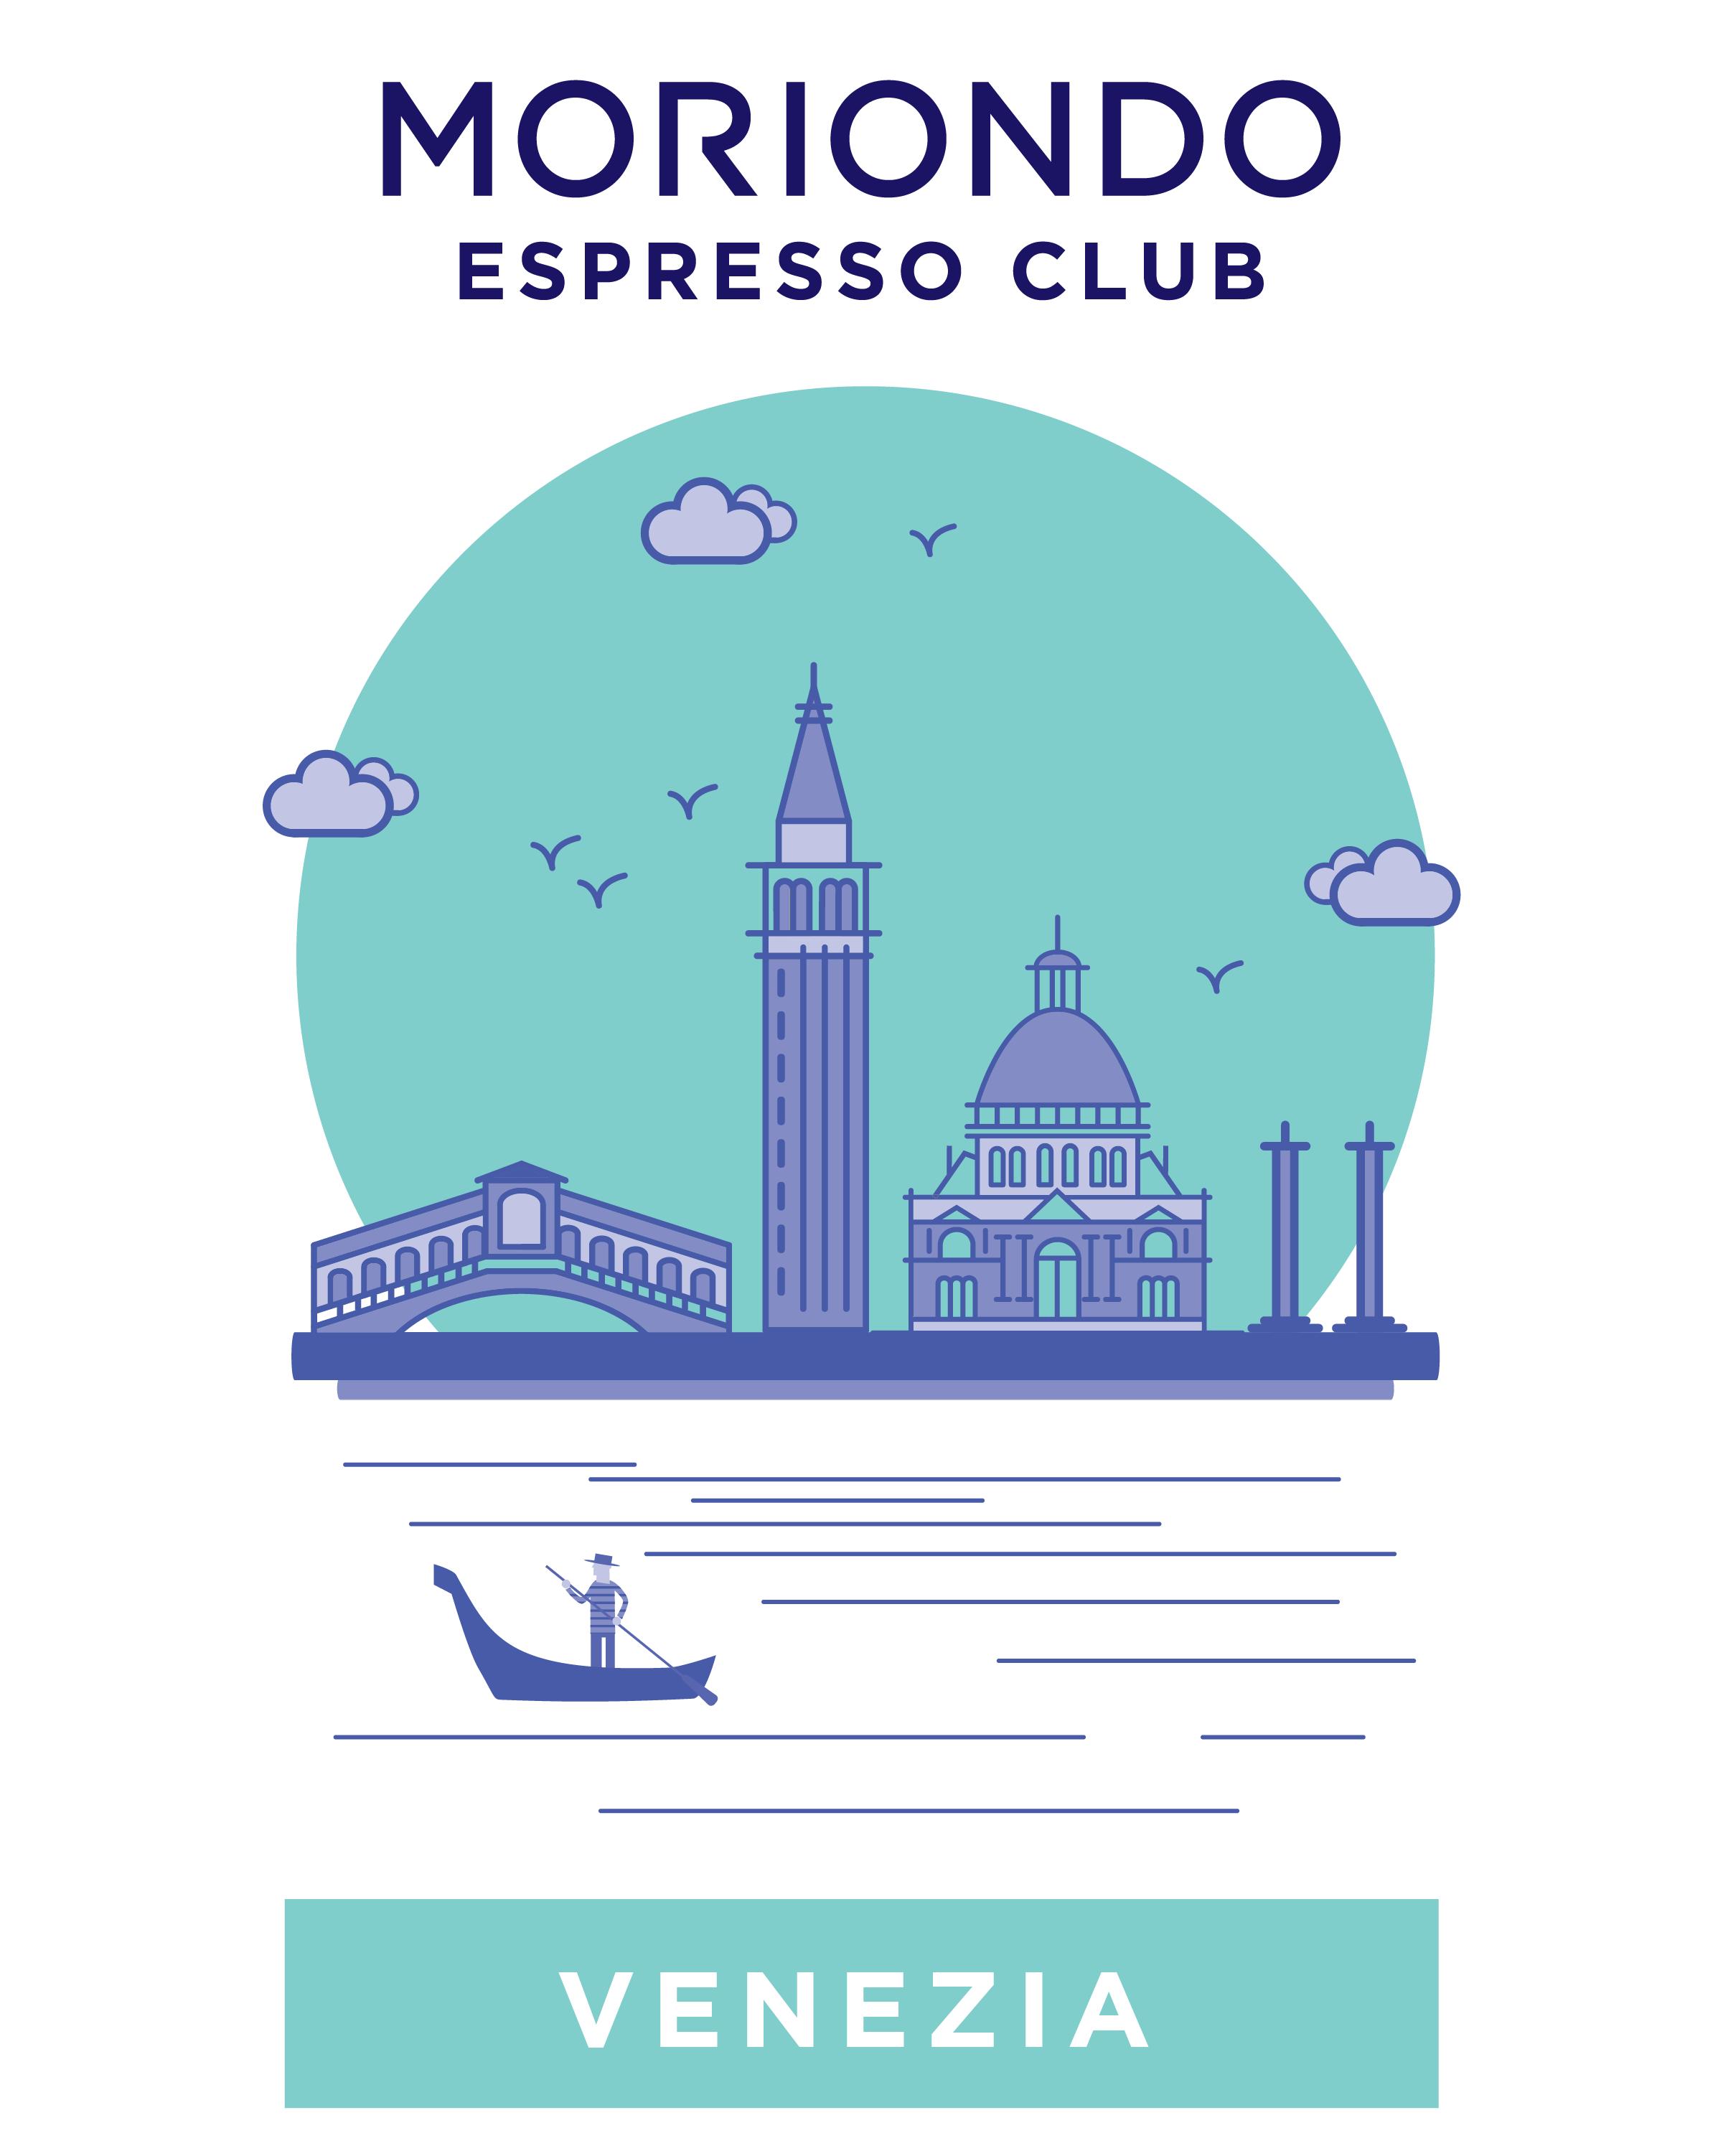 Moriondo-Espresso-Club-Venezia.png